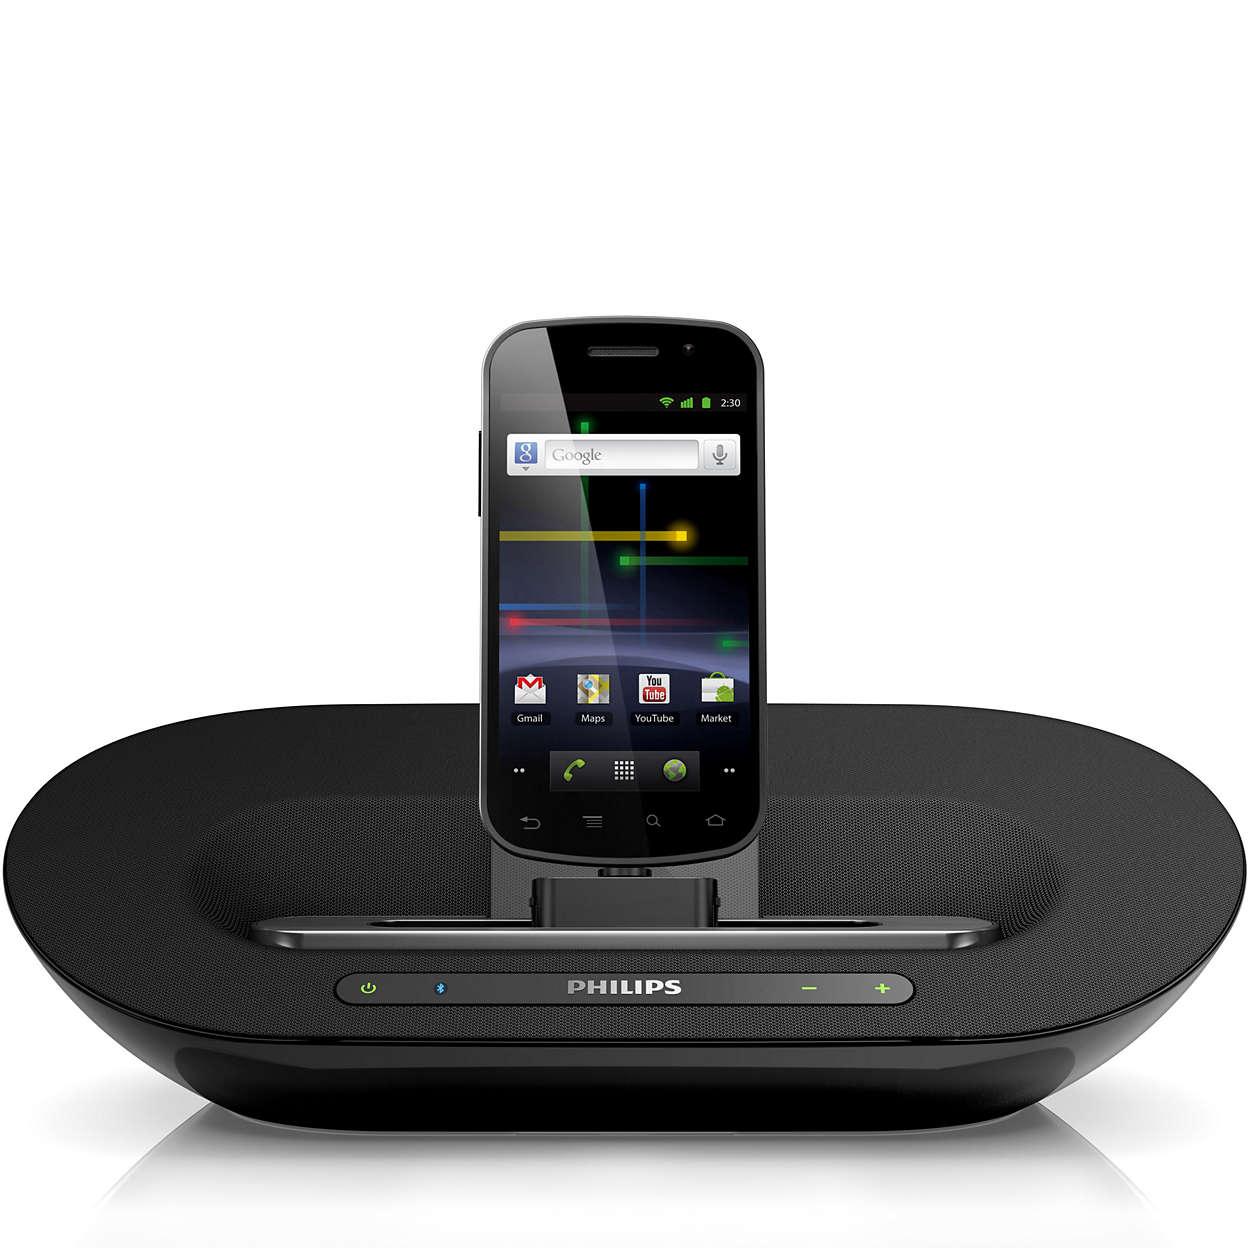 Laad uw Android-telefoon op voor eindeloos muziekplezier